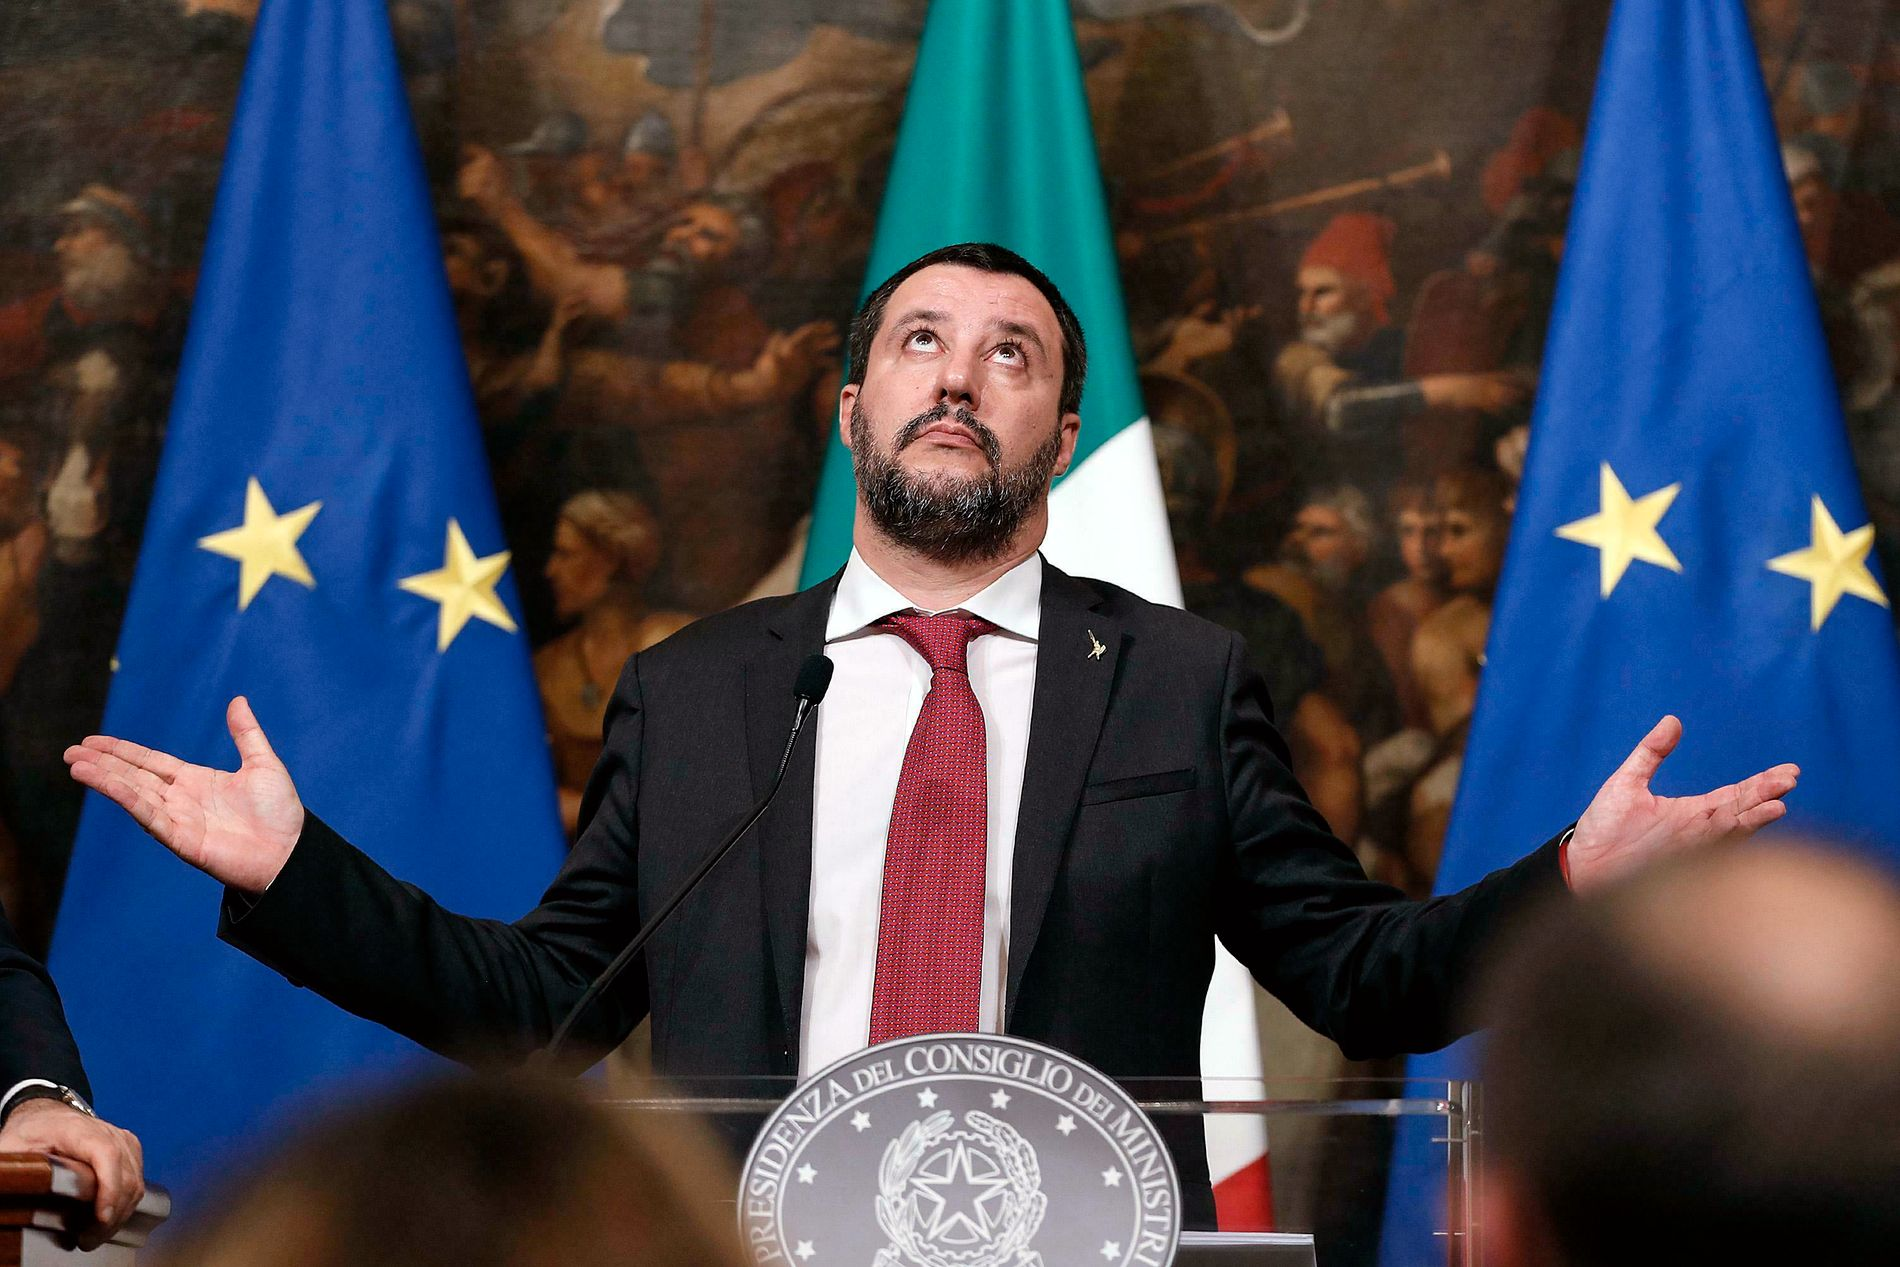 OPPGITT: Visestatsminister Matteo Salvini avviser regjeringspartner Luigi Di Maios påstander om at han forsøker å tvinge frem regjeringskrise.